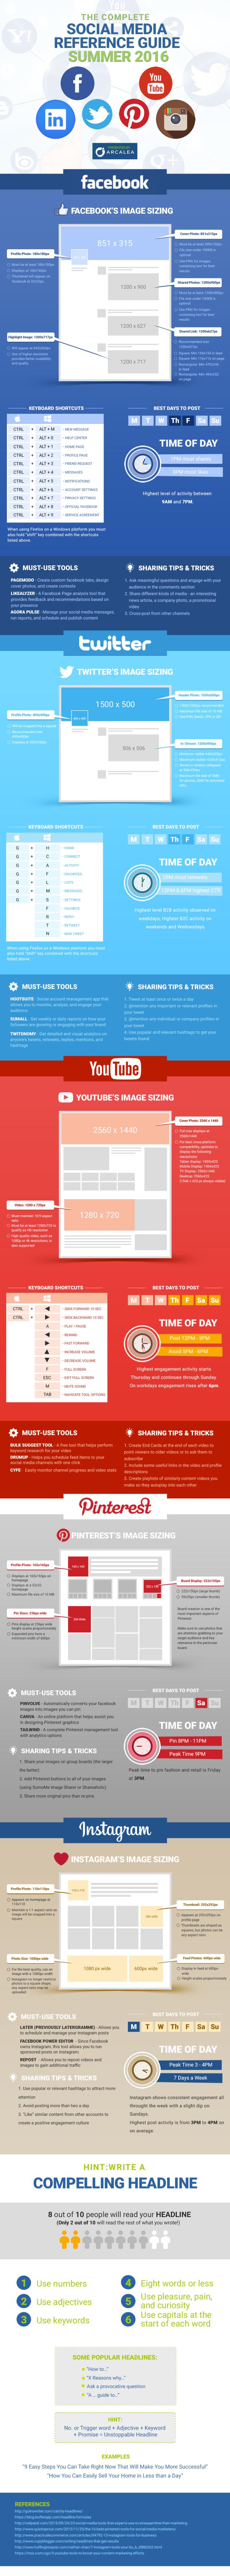 Social Media Image Sizes Tricks